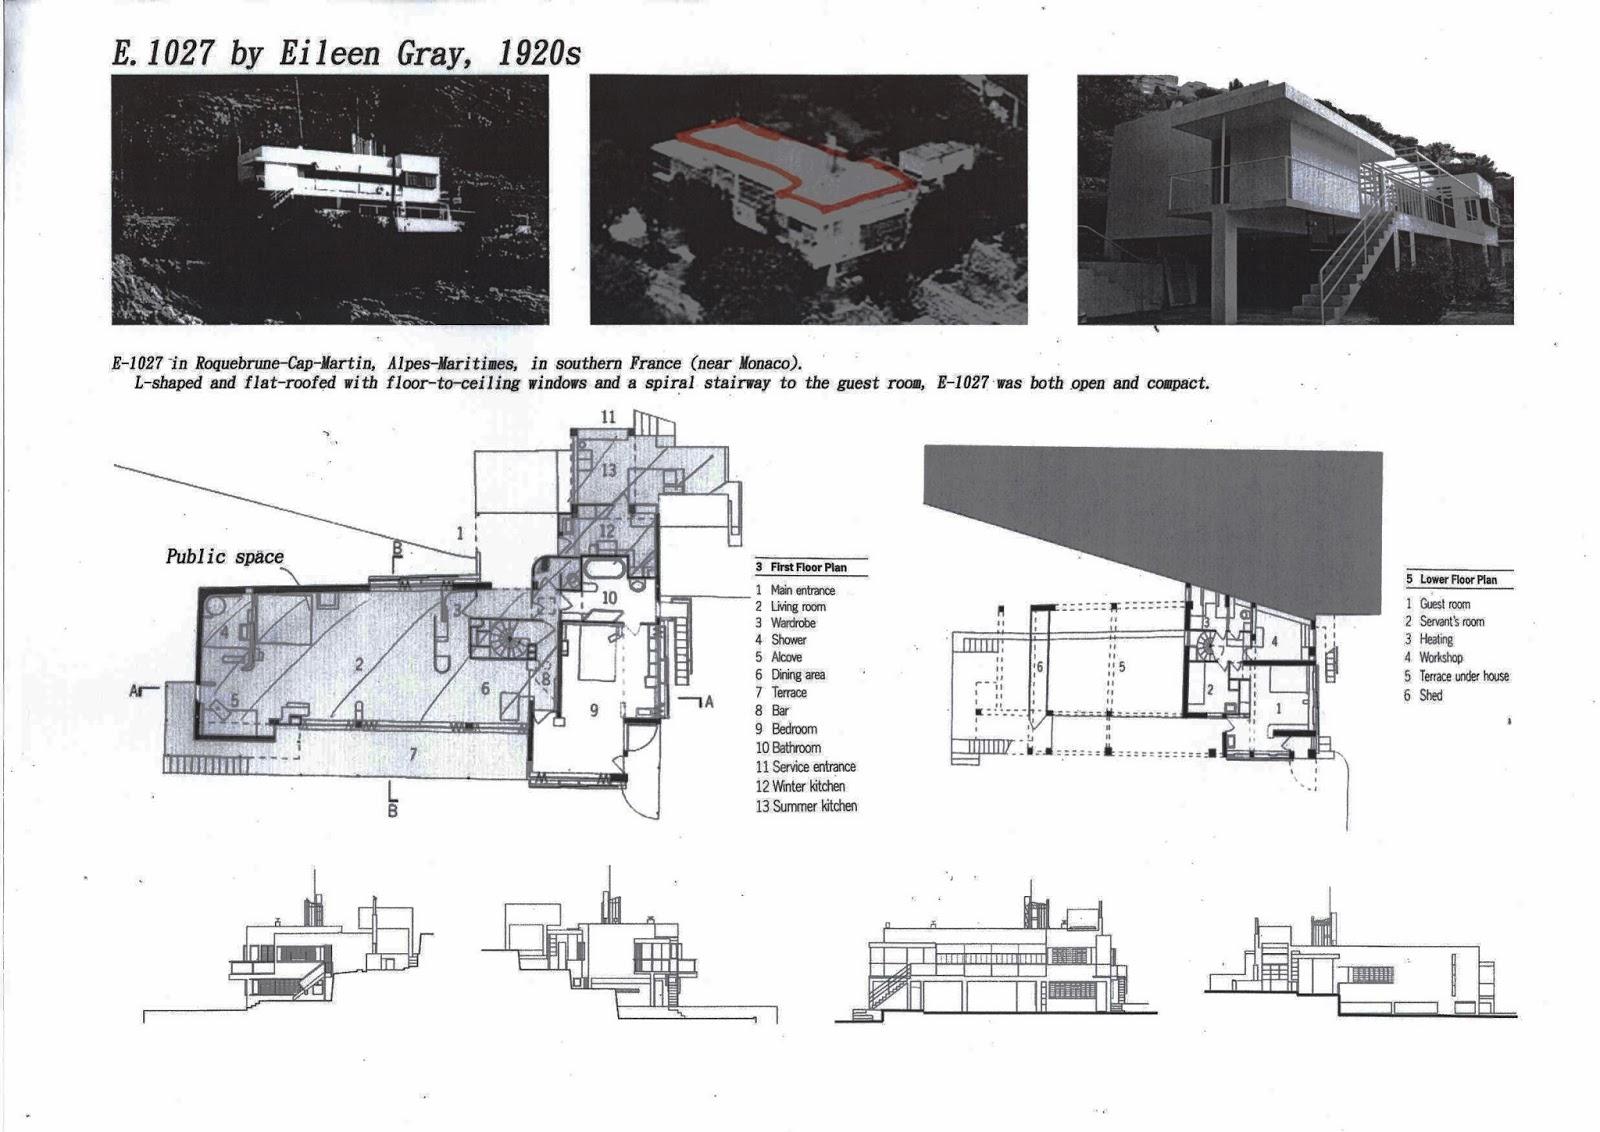 Eileen Gray E 1027 soya s villa e 1027 by eileen gray